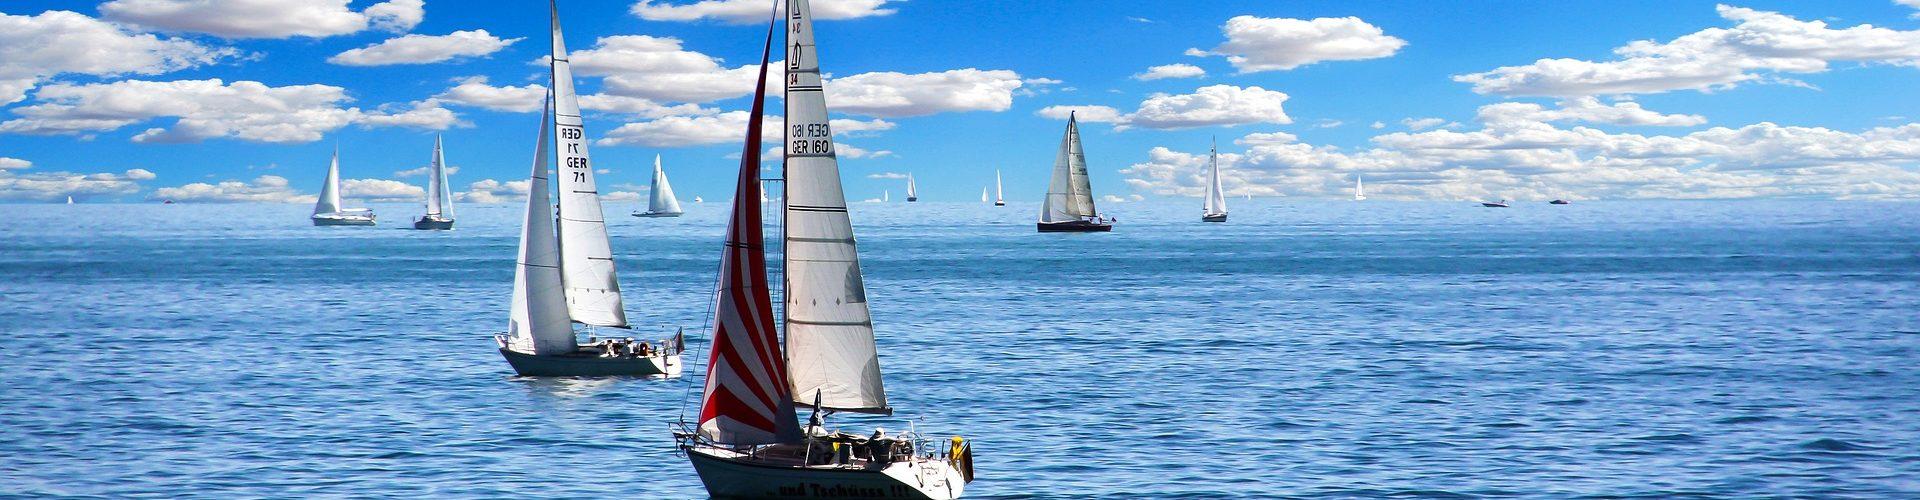 segeln lernen in Plauen segelschein machen in Plauen 1920x500 - Segeln lernen in Plauen